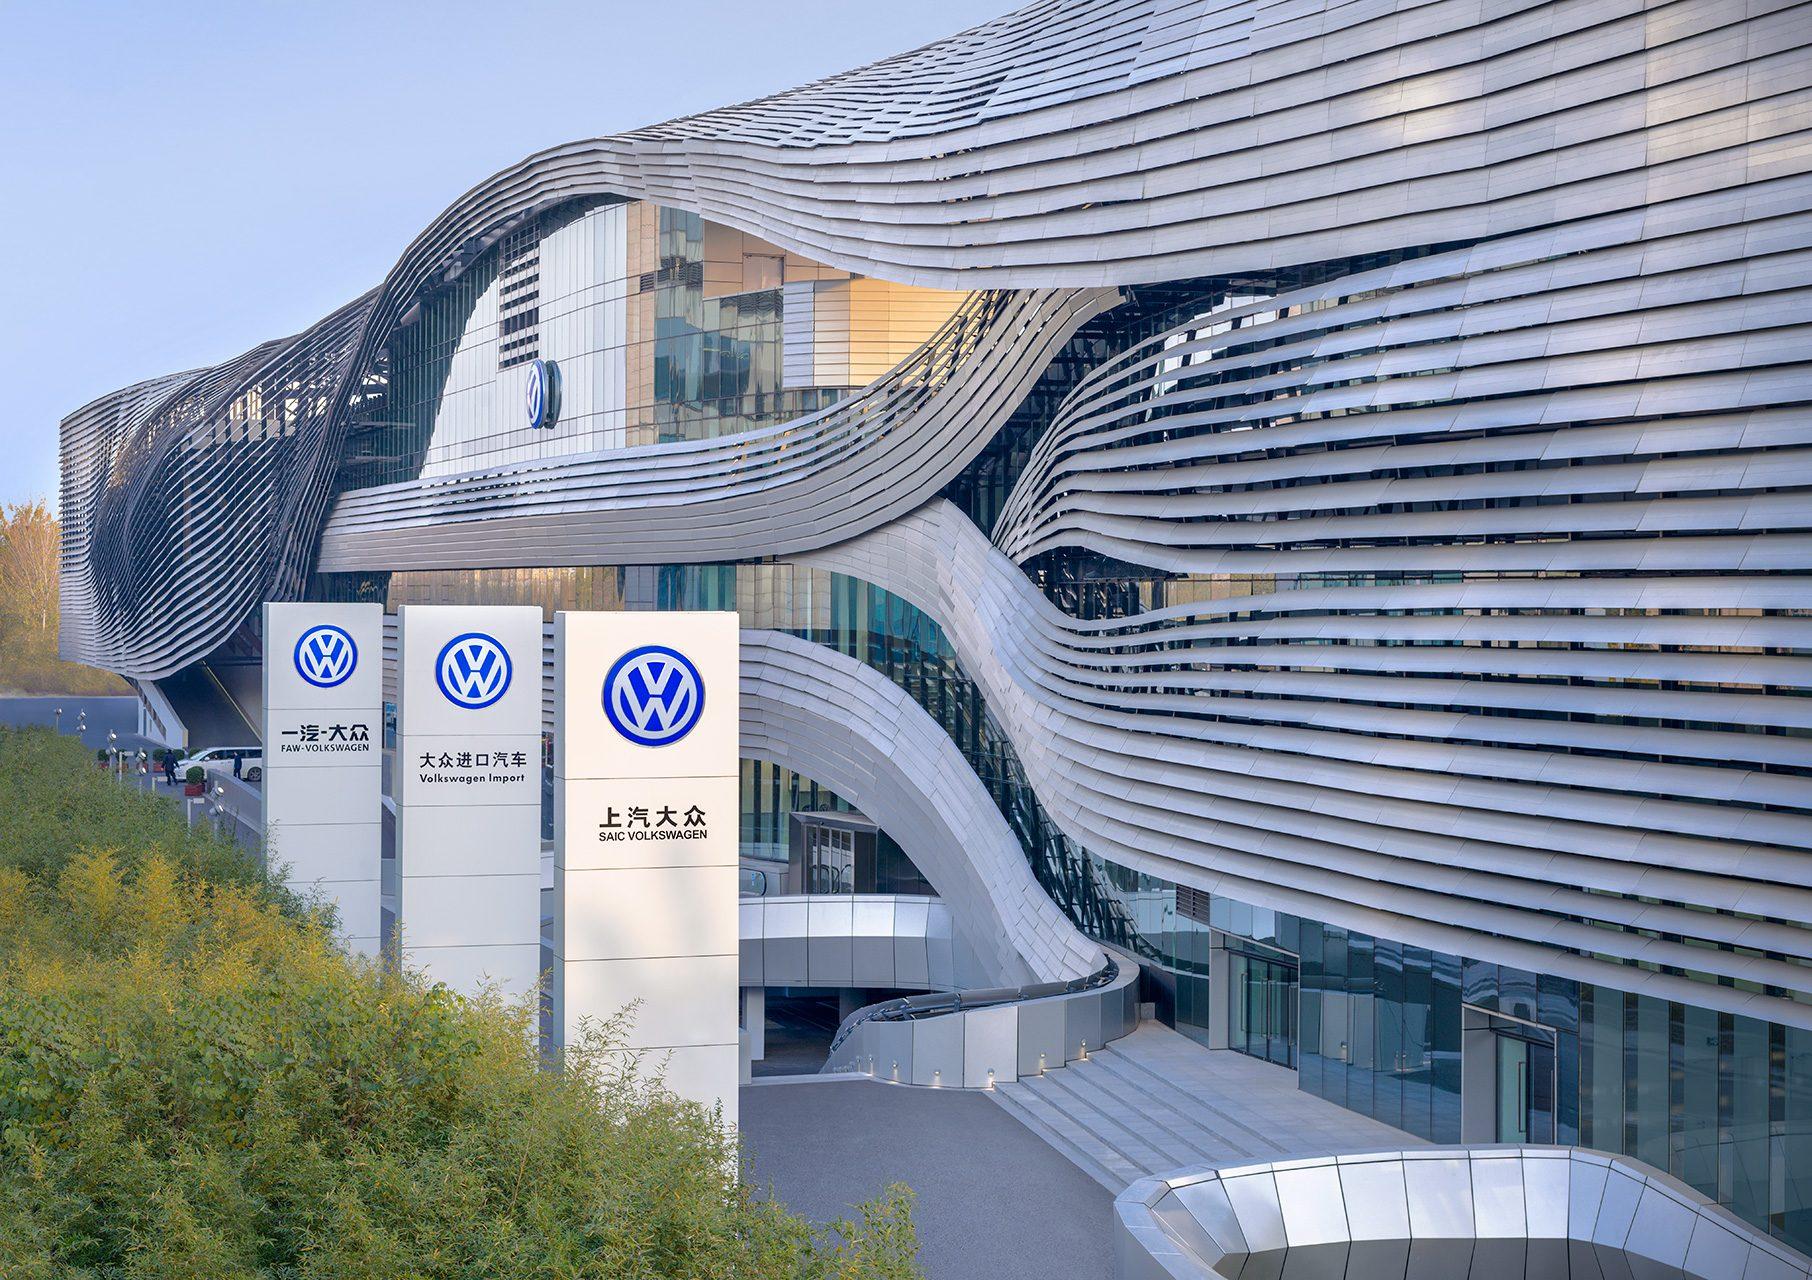 Volkswagen Beijing